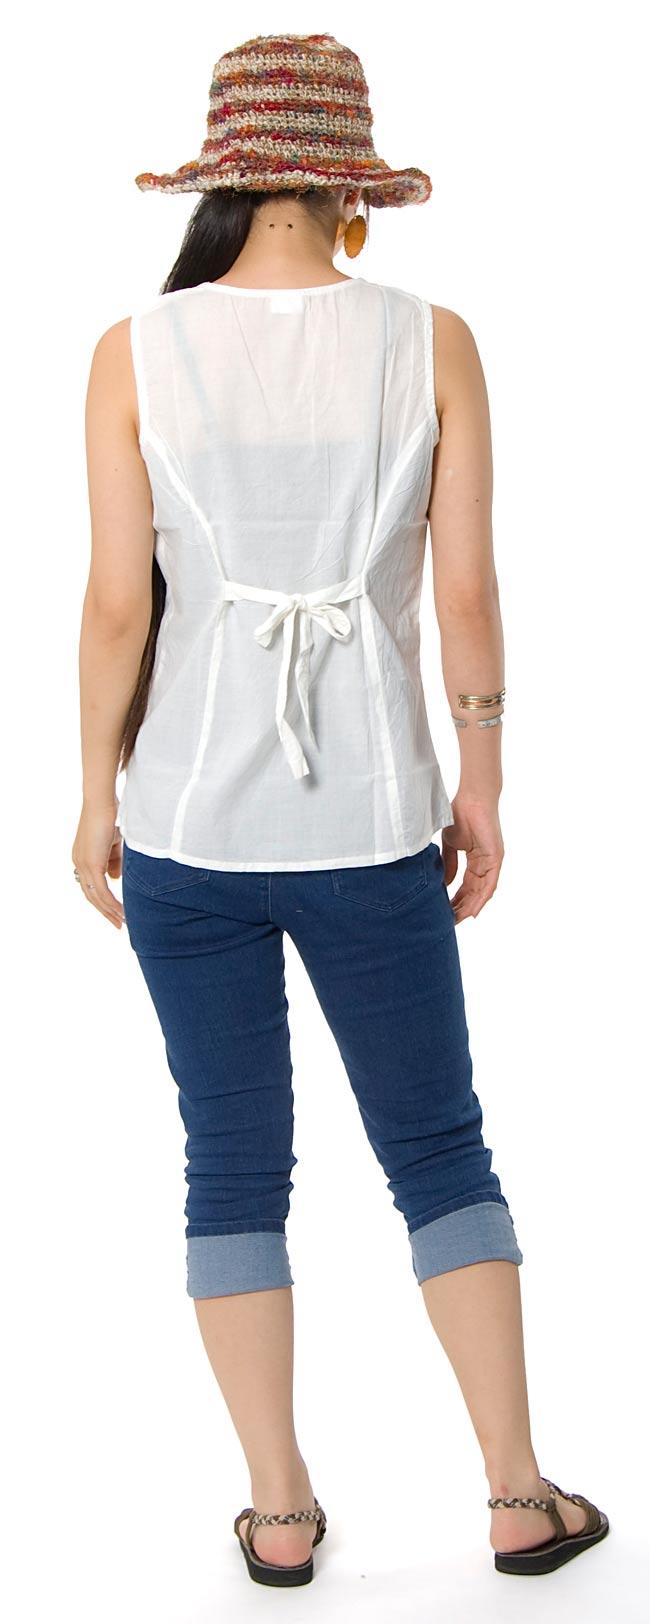 シンプル刺繍ノースリーブ 【白】 2 - 後ろ姿はこんな感じです。